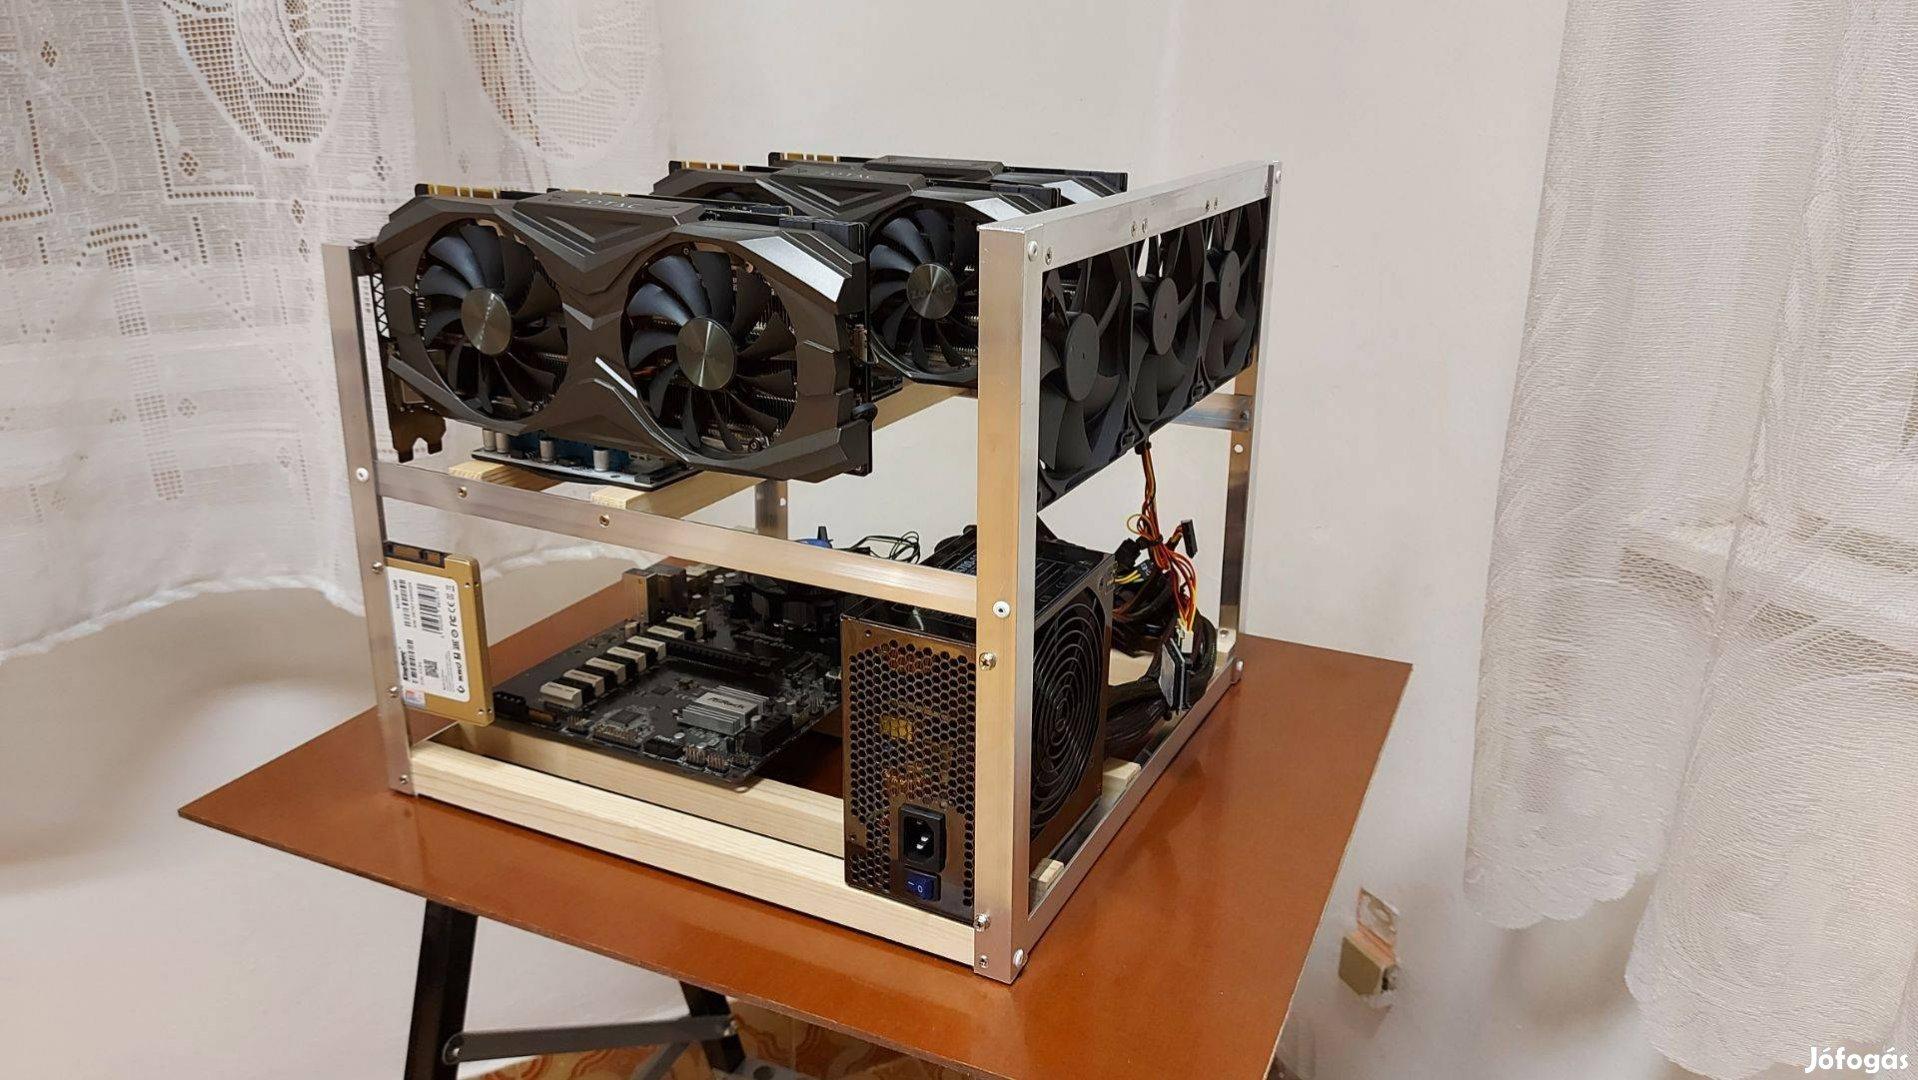 Profi Minőség! - RIG bányász gép keret 4 VGA (+2 a lapon=6) készen van